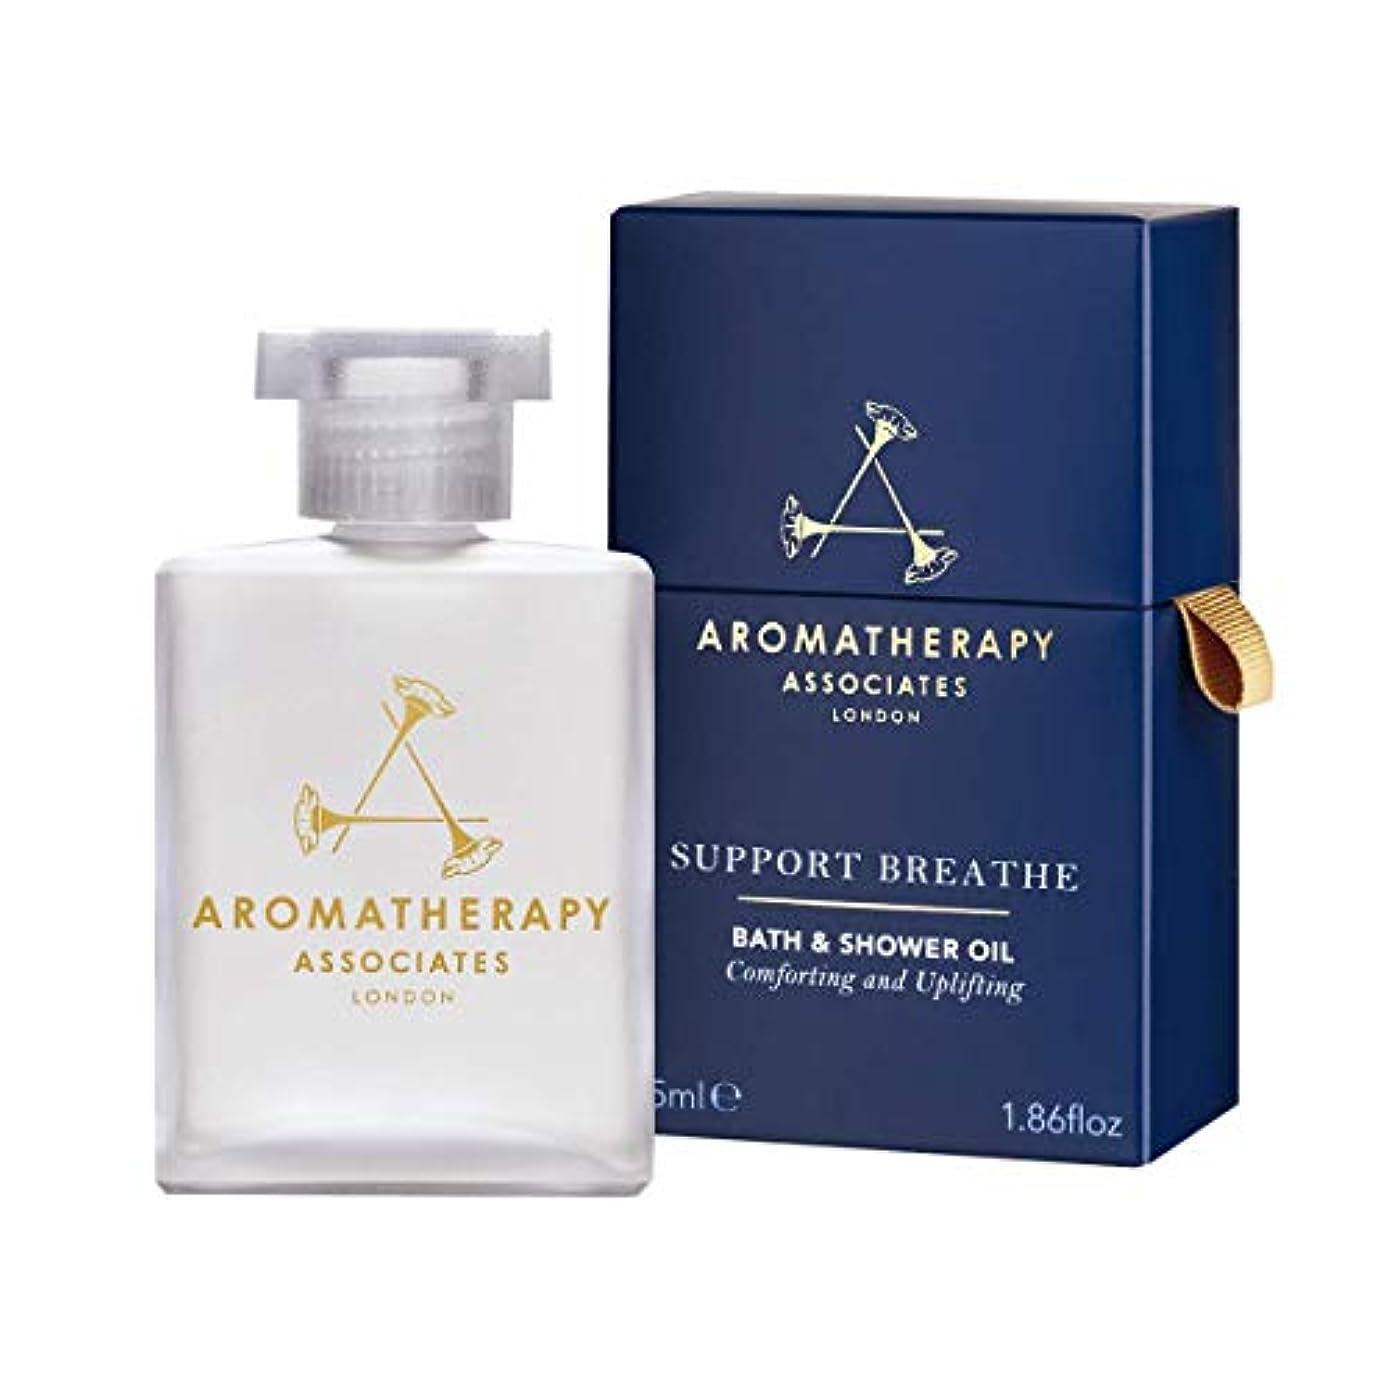 勘違いする有限比べるアロマセラピー アソシエイツ(Aromatherapy Associates) サポート ブリーズ バスアンドシャワーオイル 55ml [海外直送品] [並行輸入品]